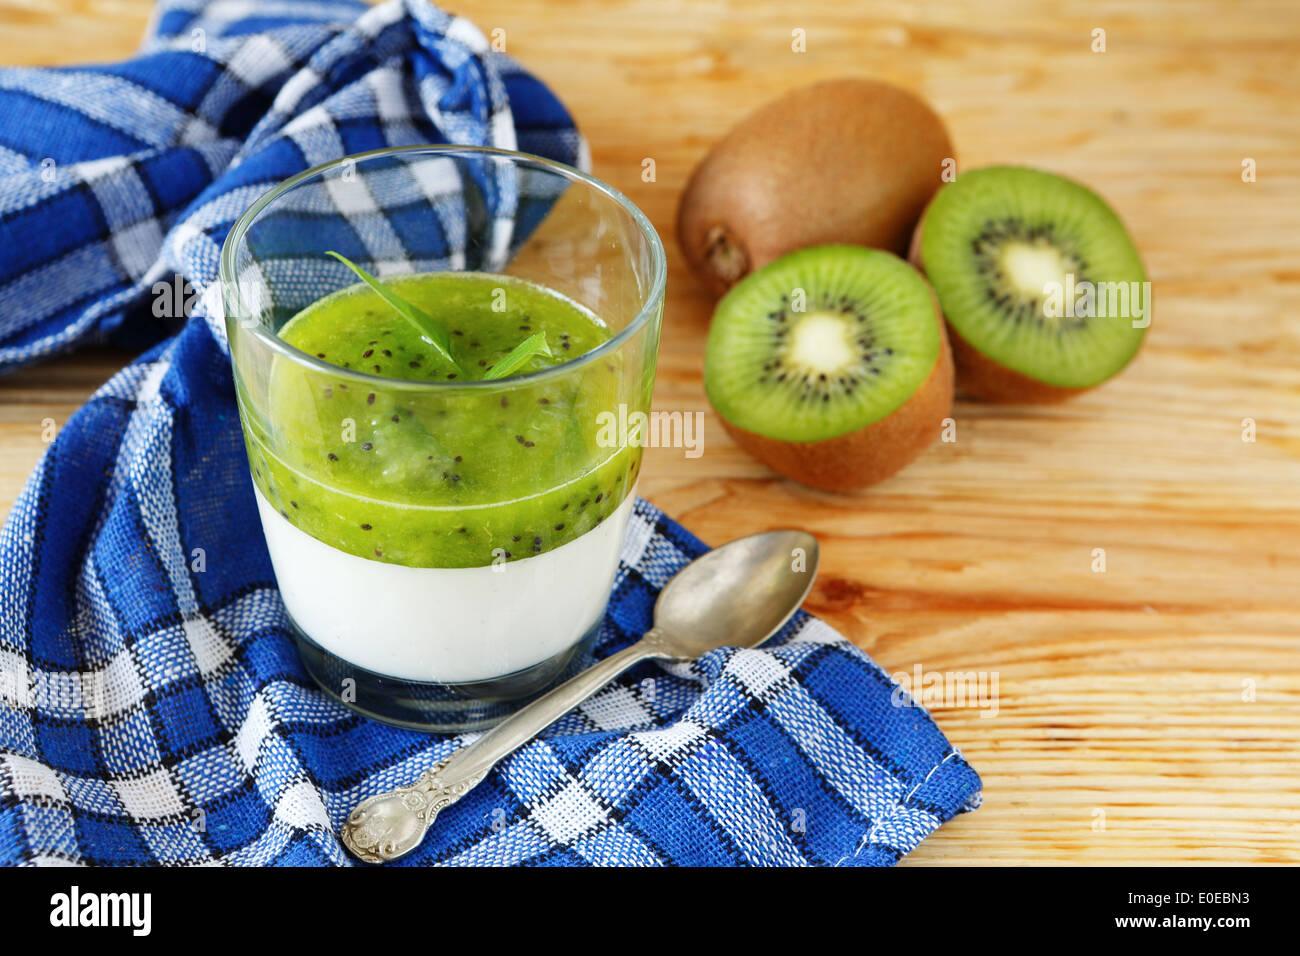 panna cotta with kiwi, food closeup - Stock Image